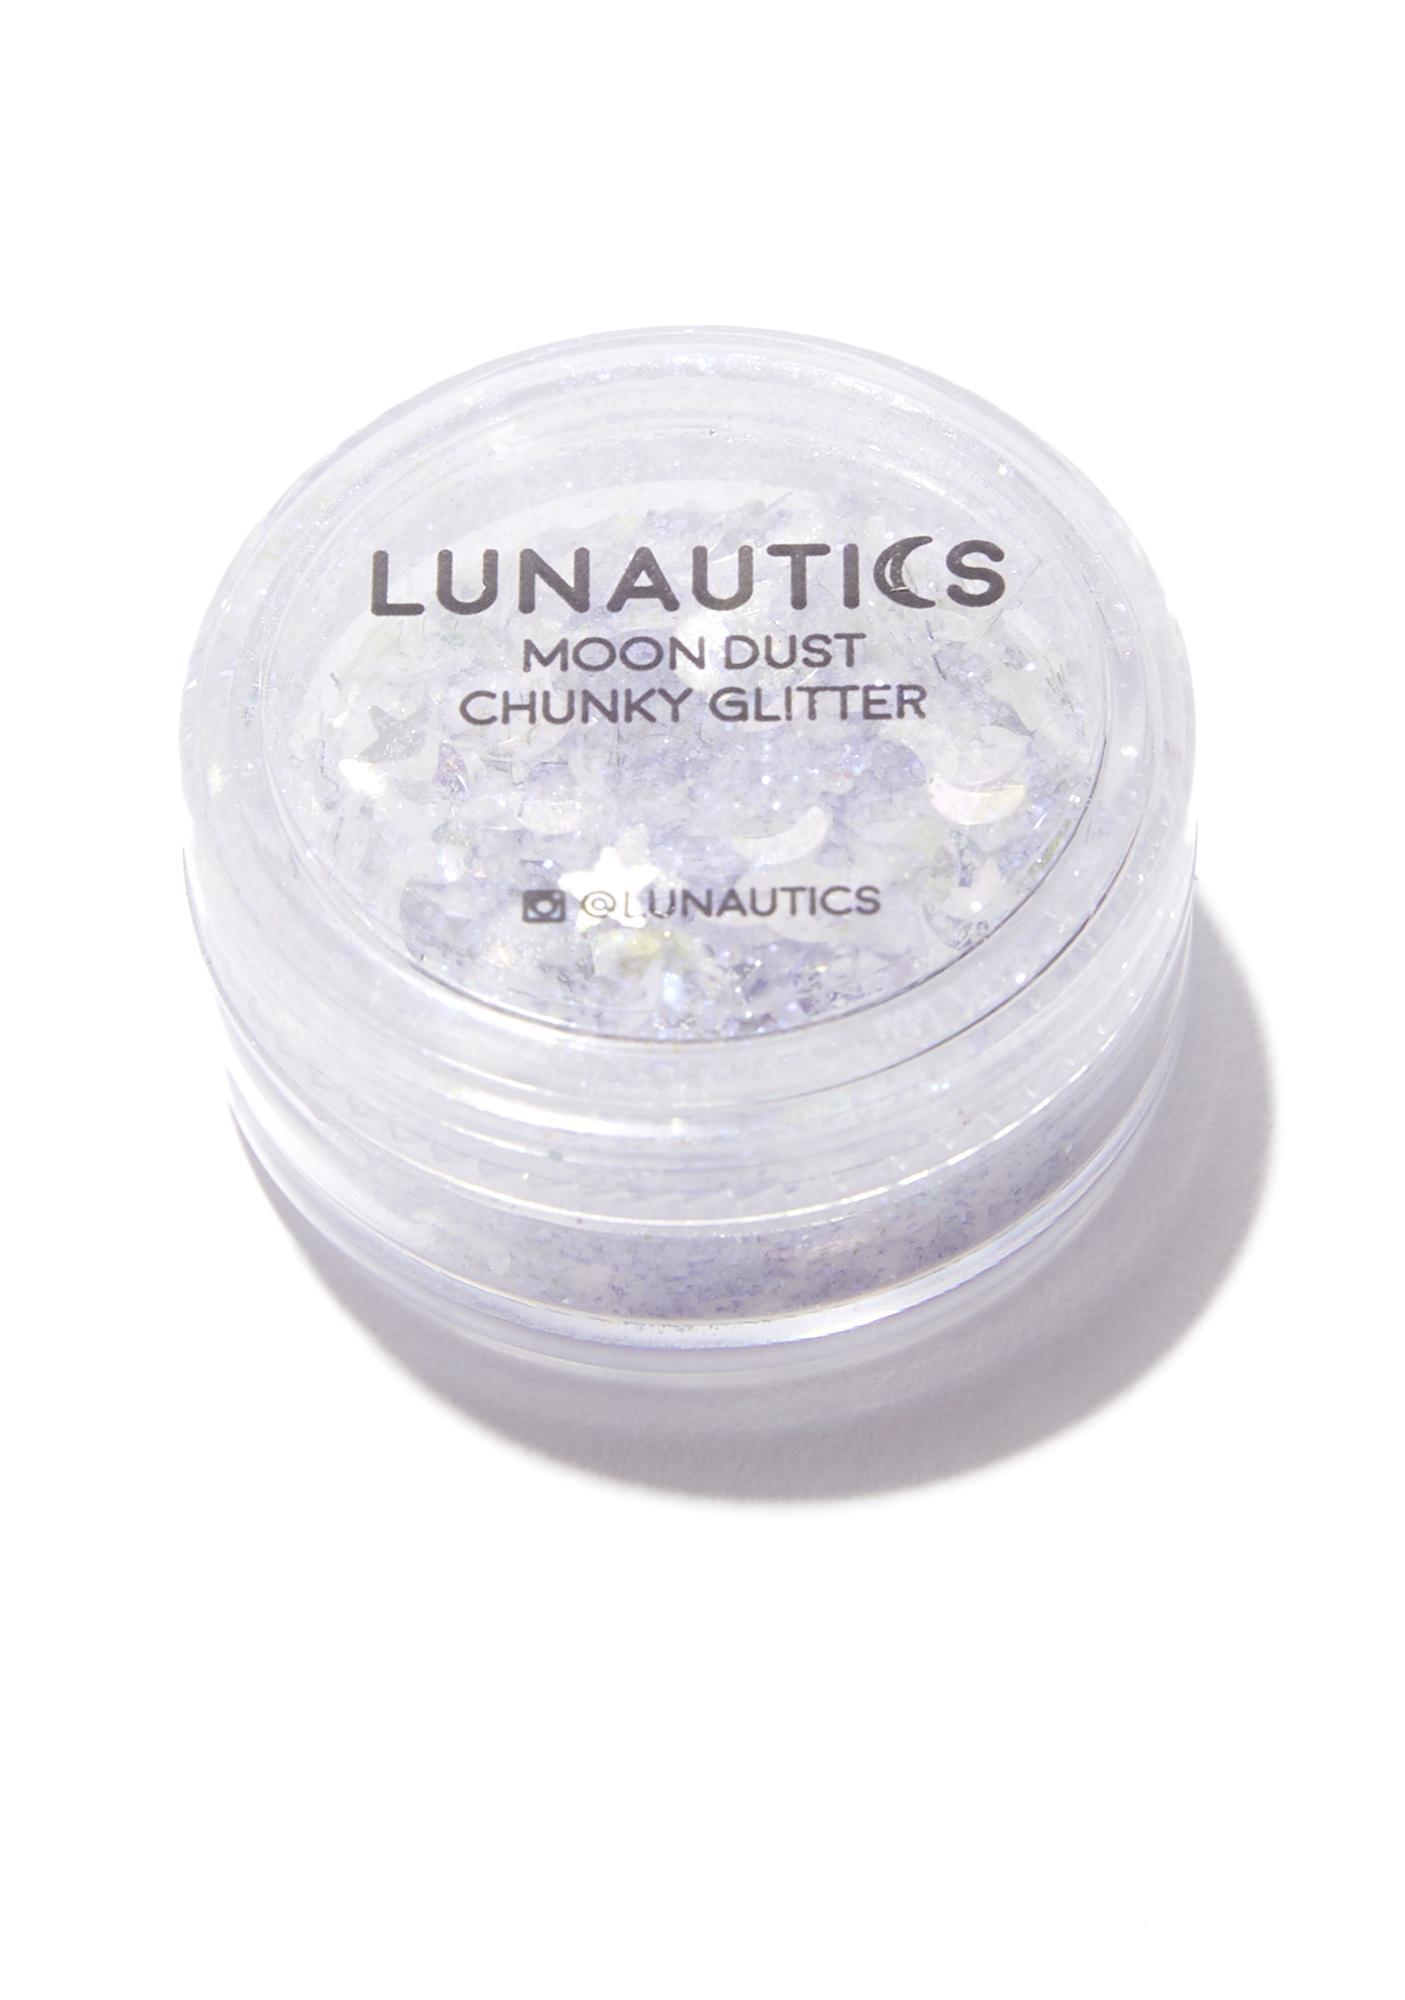 Lunautics Zenon Moon Dust Glitter